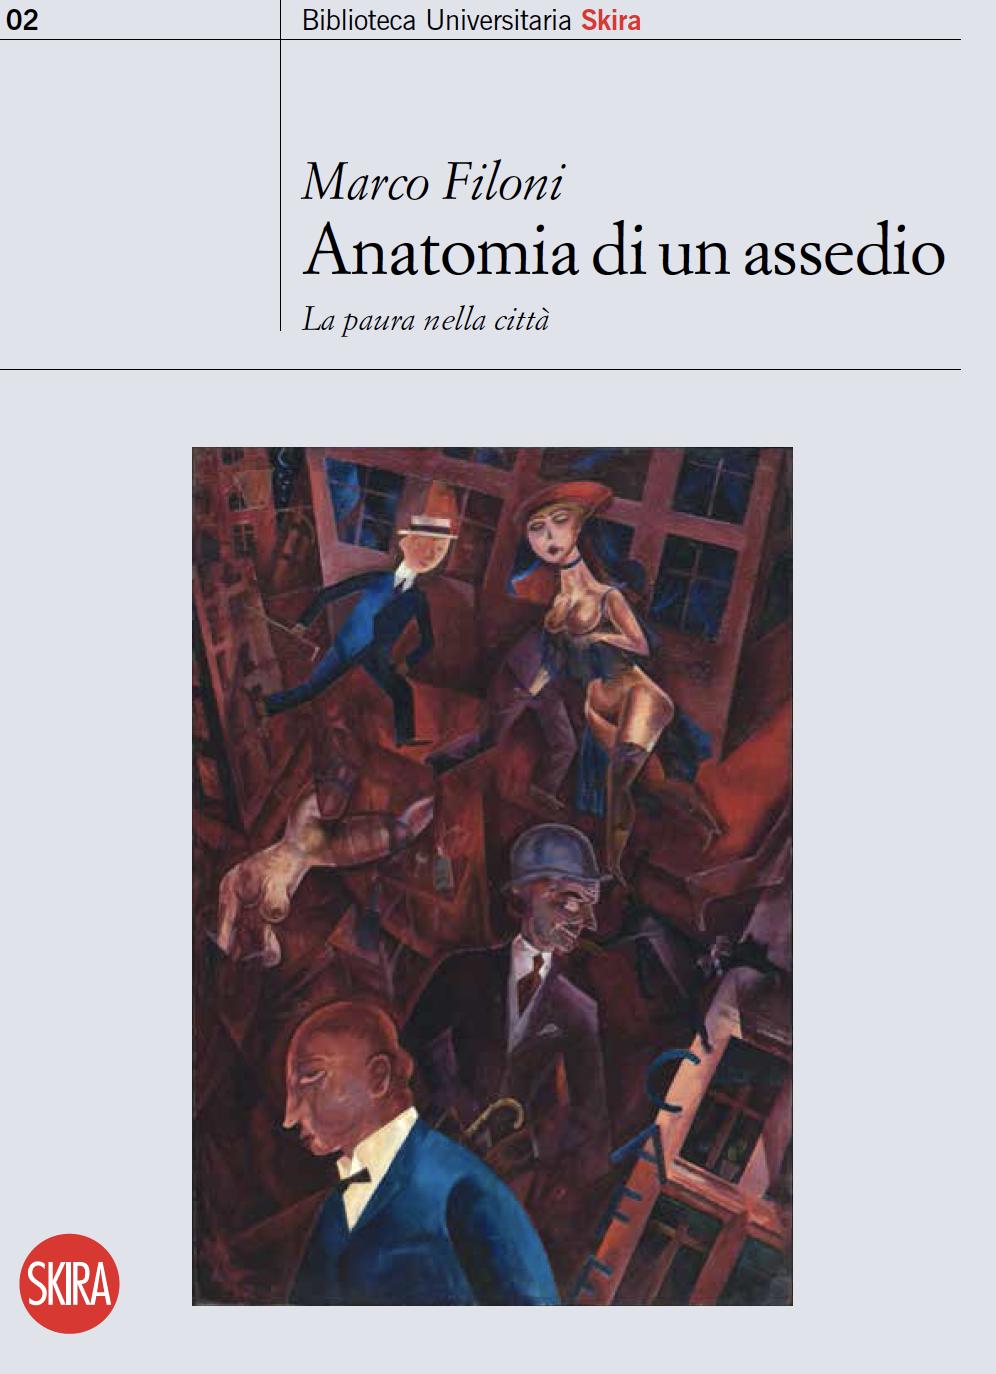 Anatomia di un assedio - Filoni